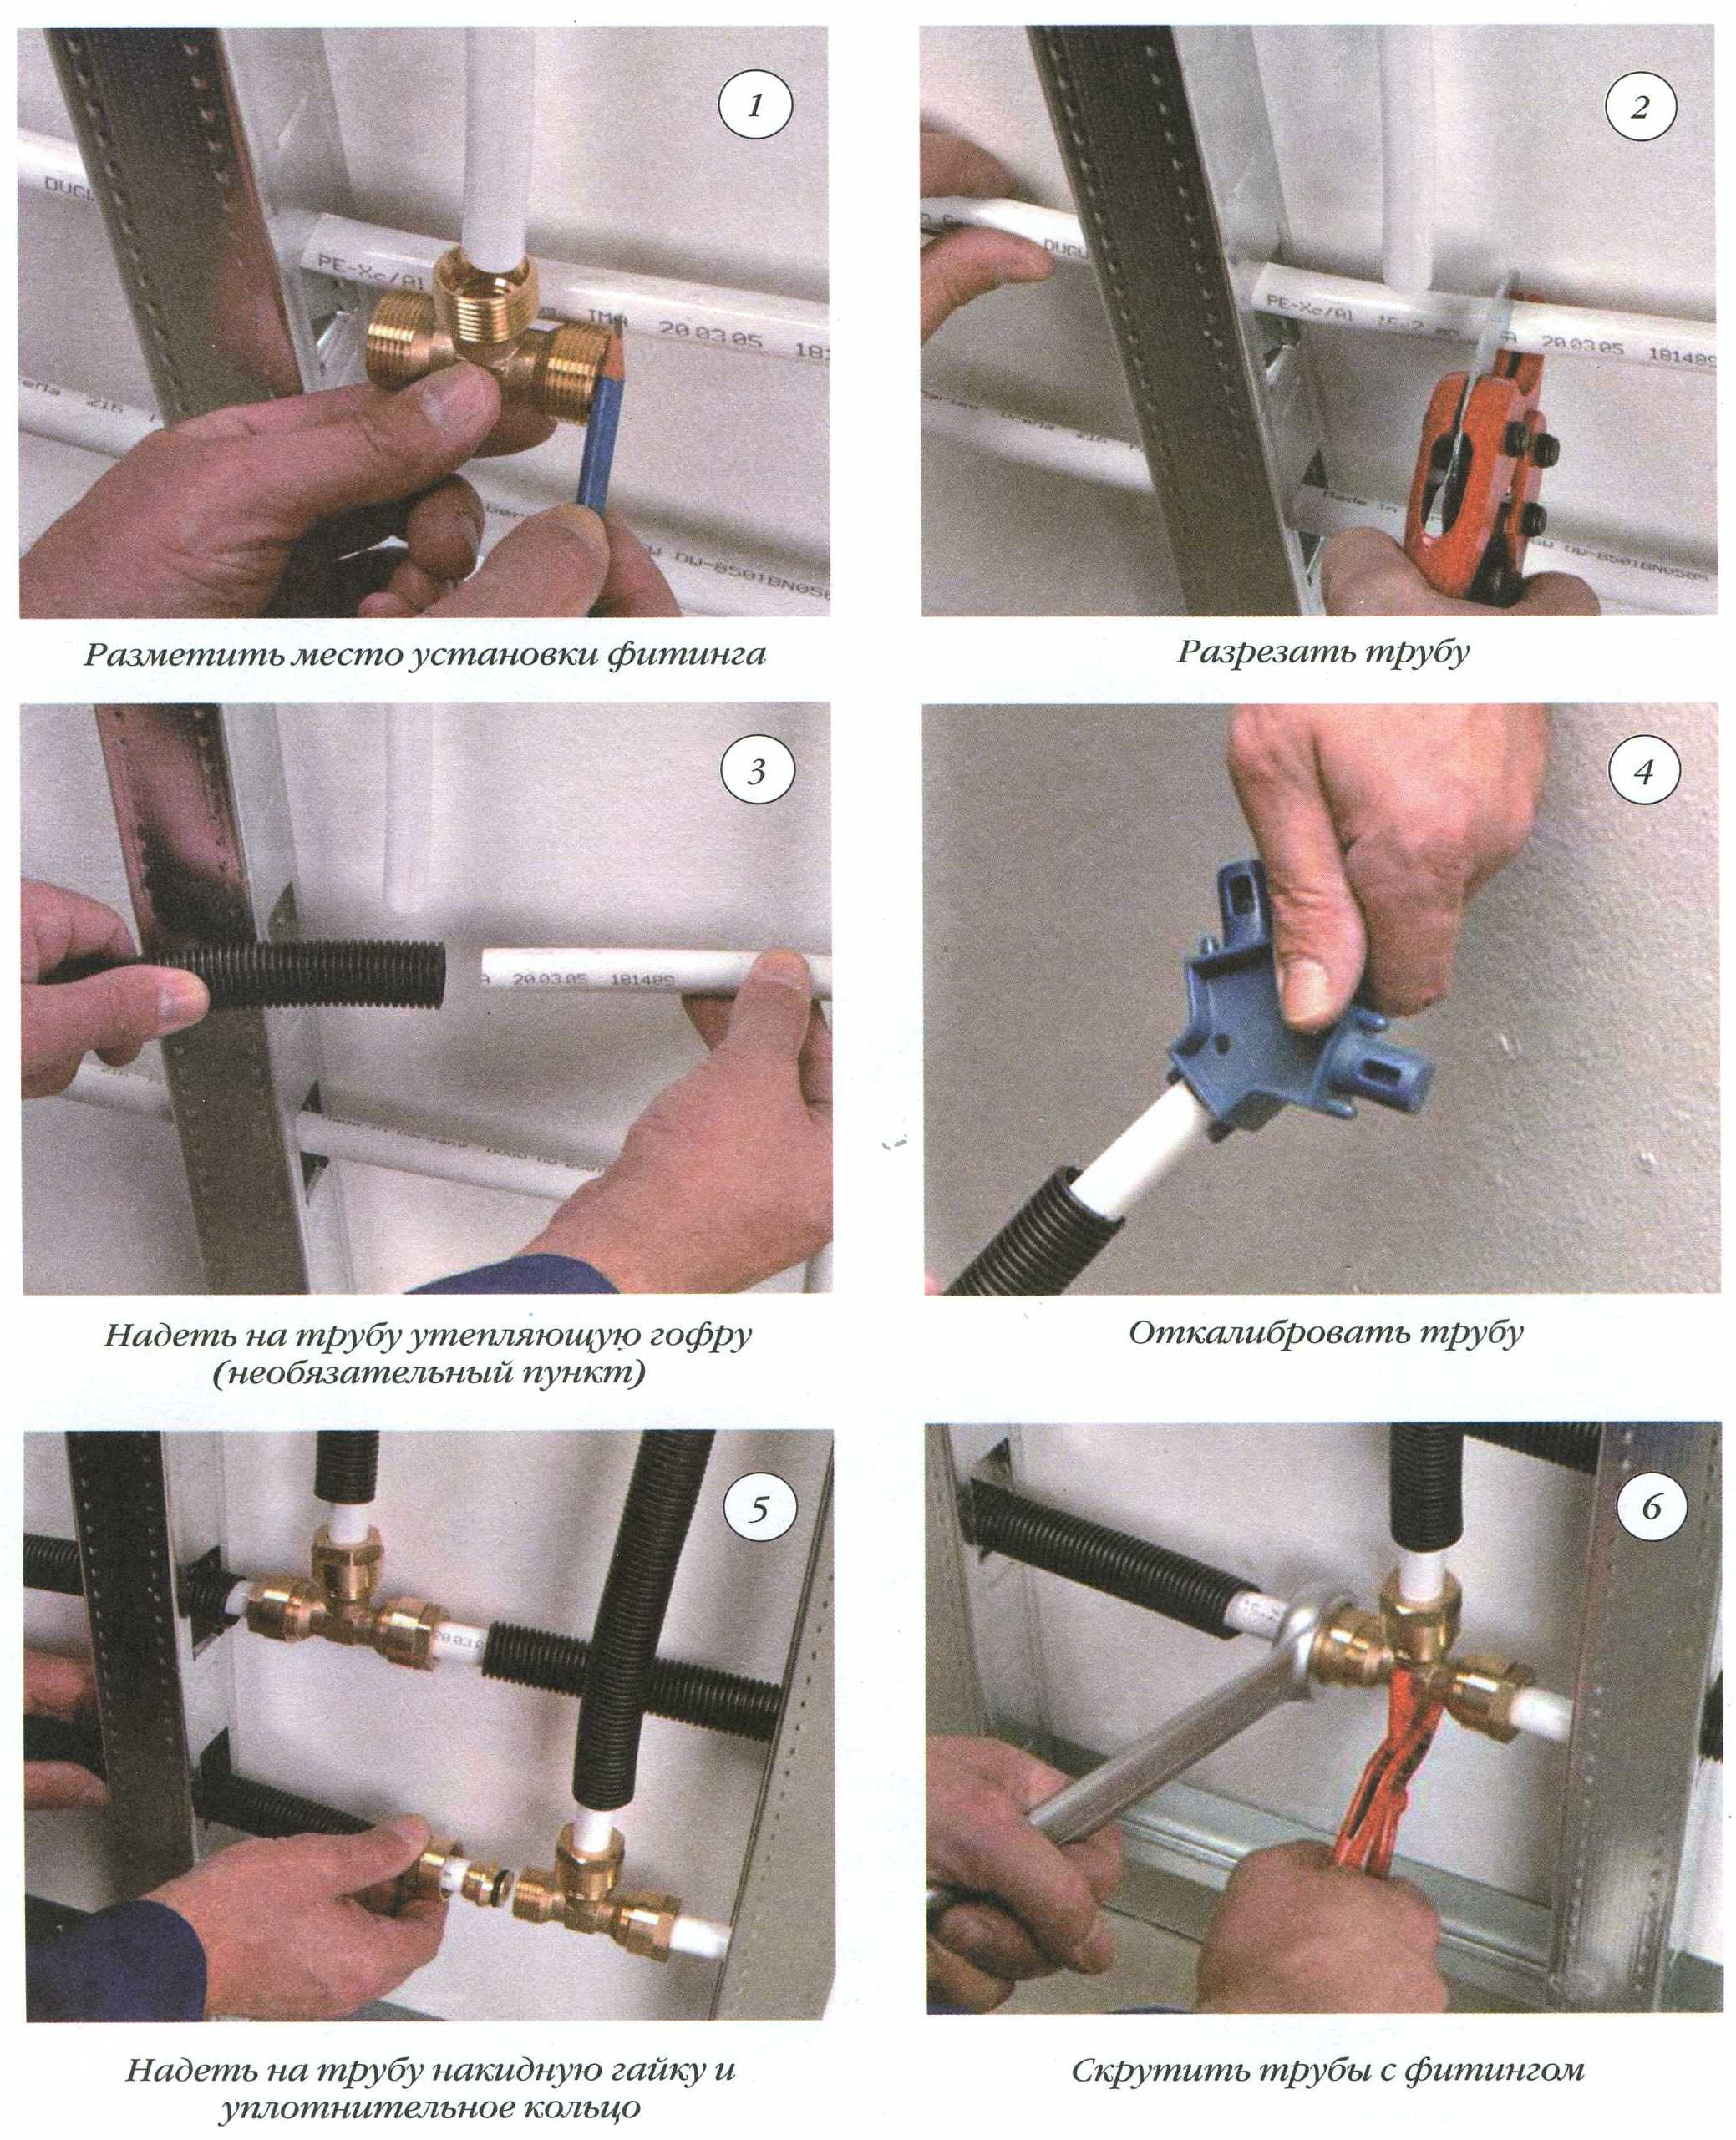 Металлические трубы для отопления: критерии выбора, этапы монтажа